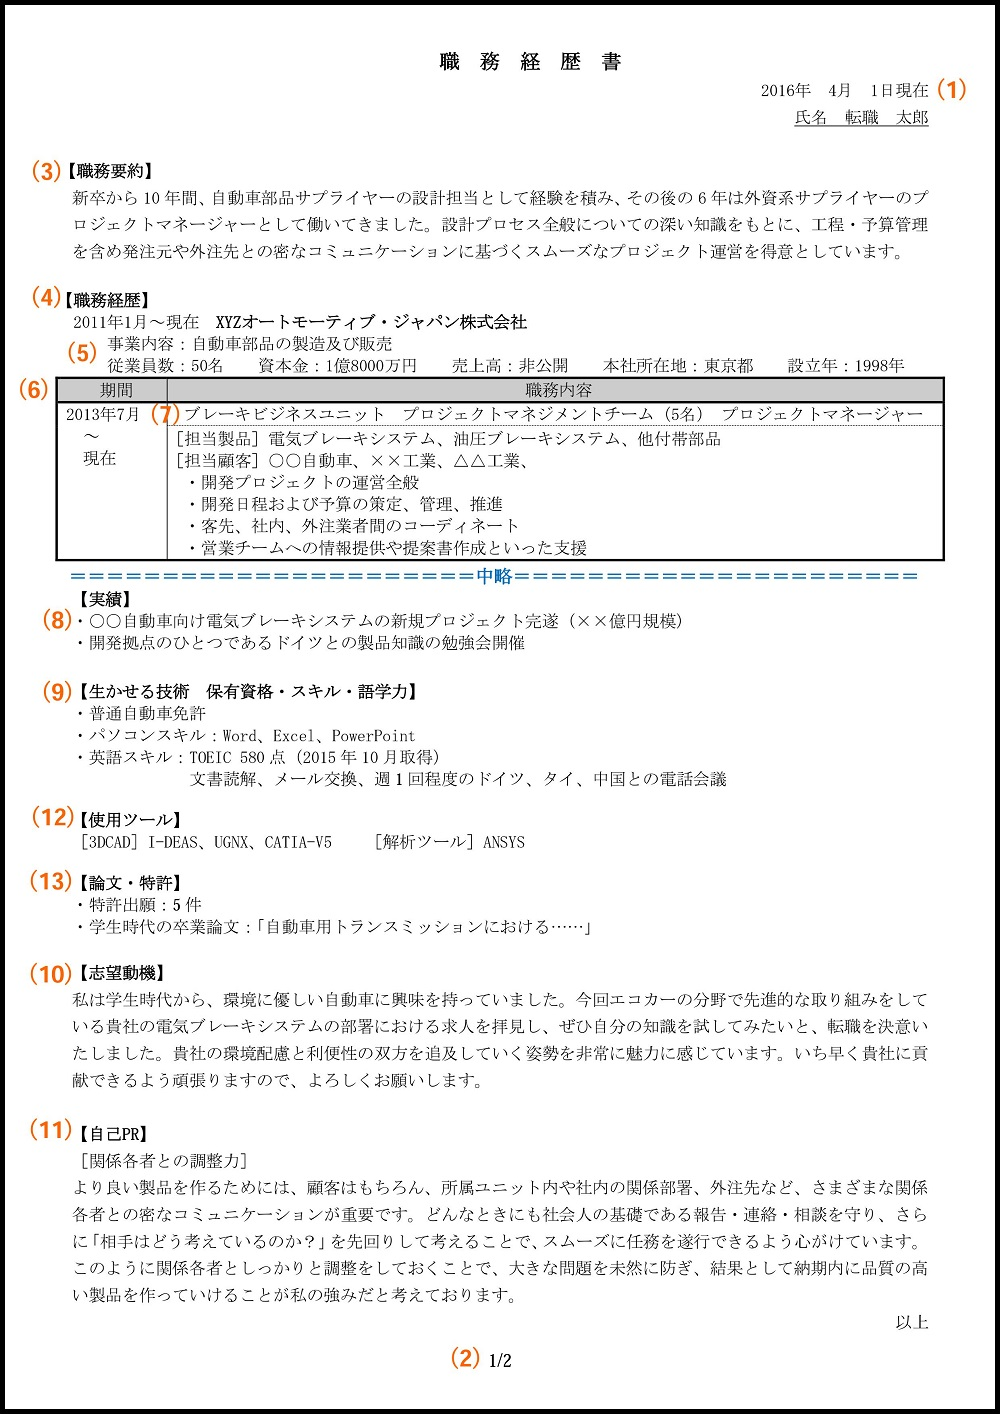 職務経歴書テンプレート Mac Pages版 Excel版 | …